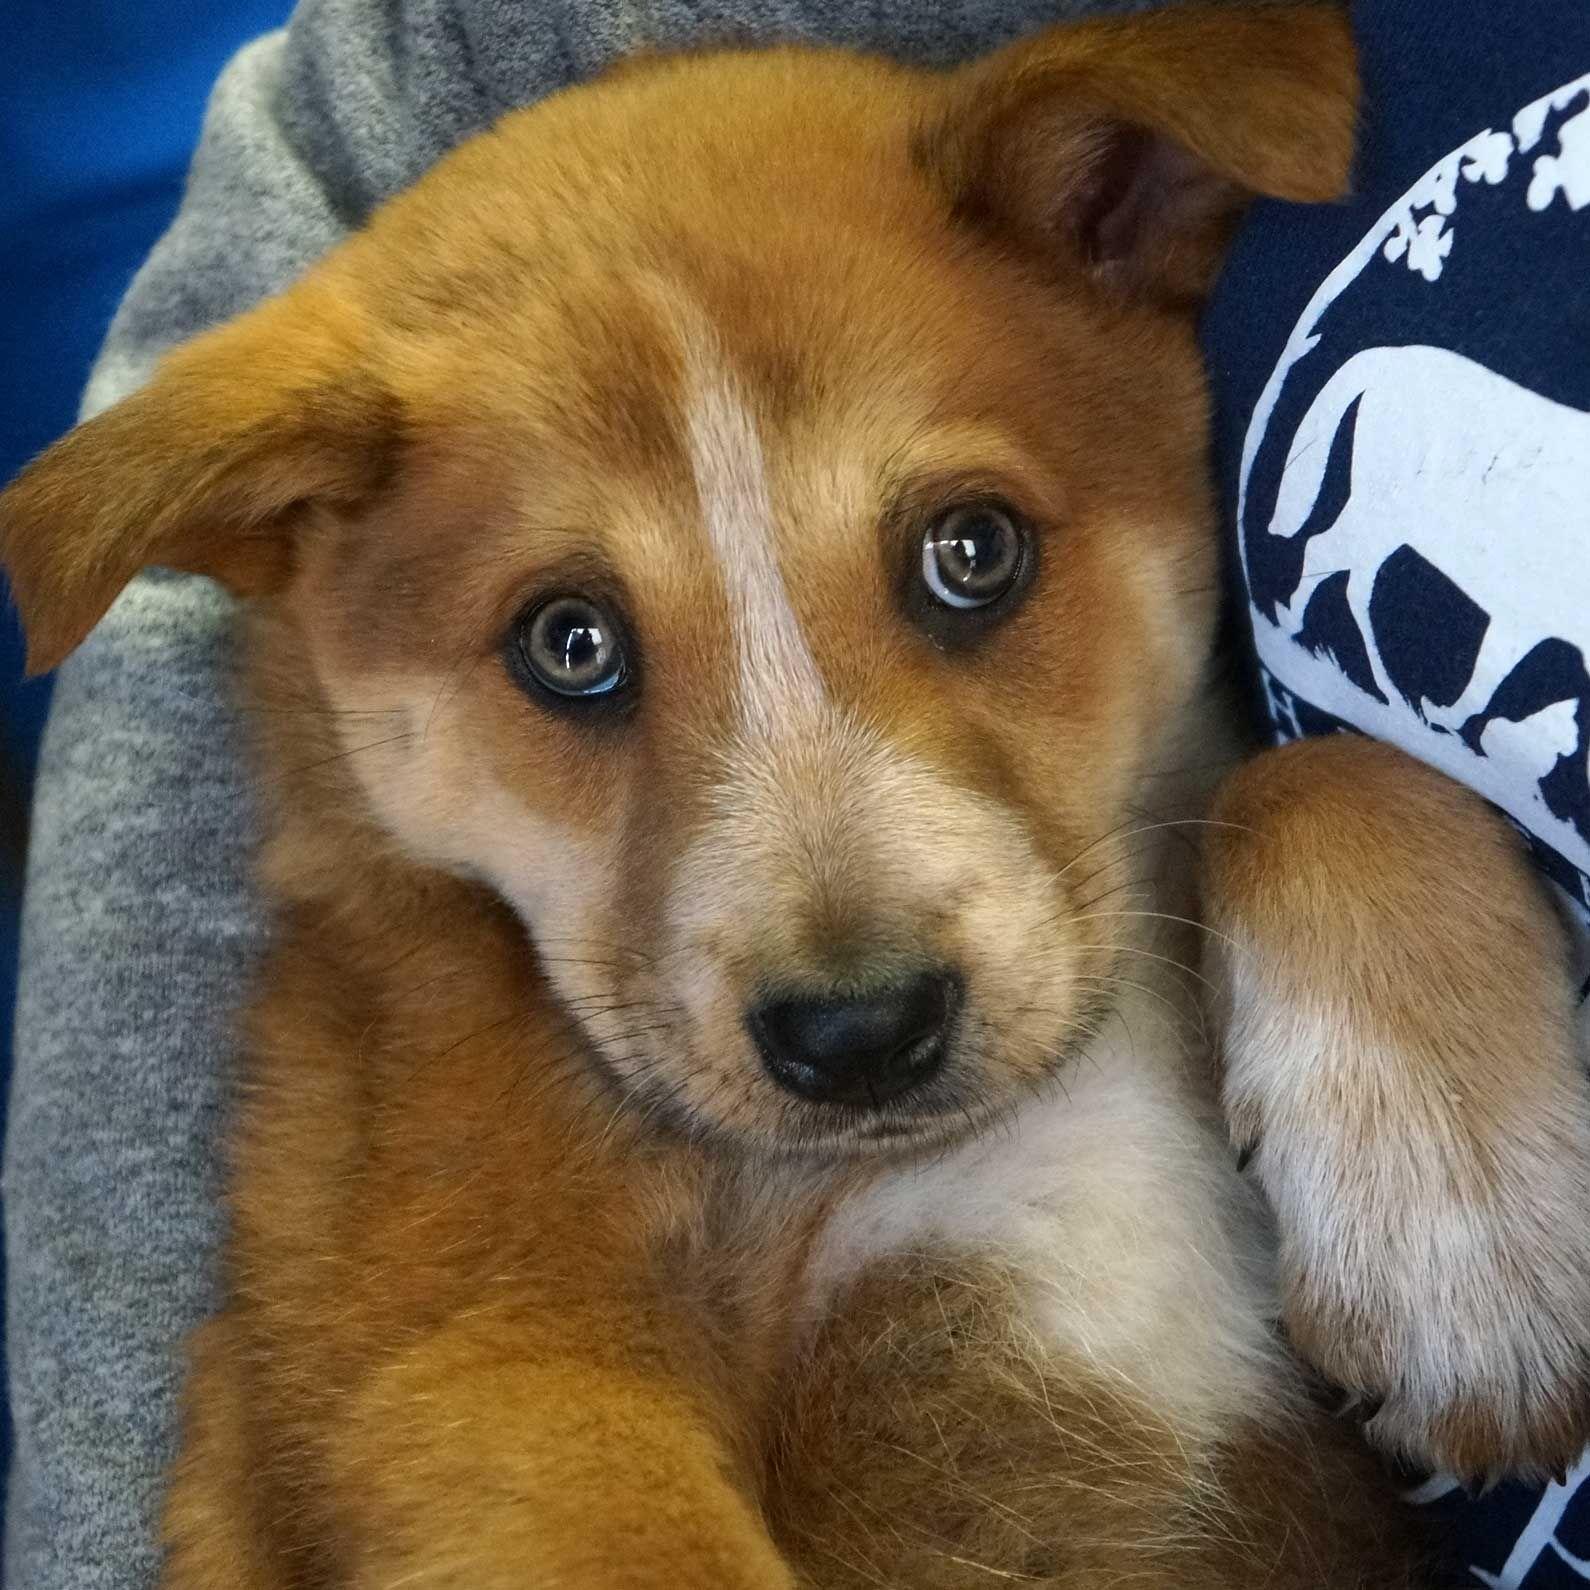 Adopt a Pet Dog adoption, Animals, Pet adoption